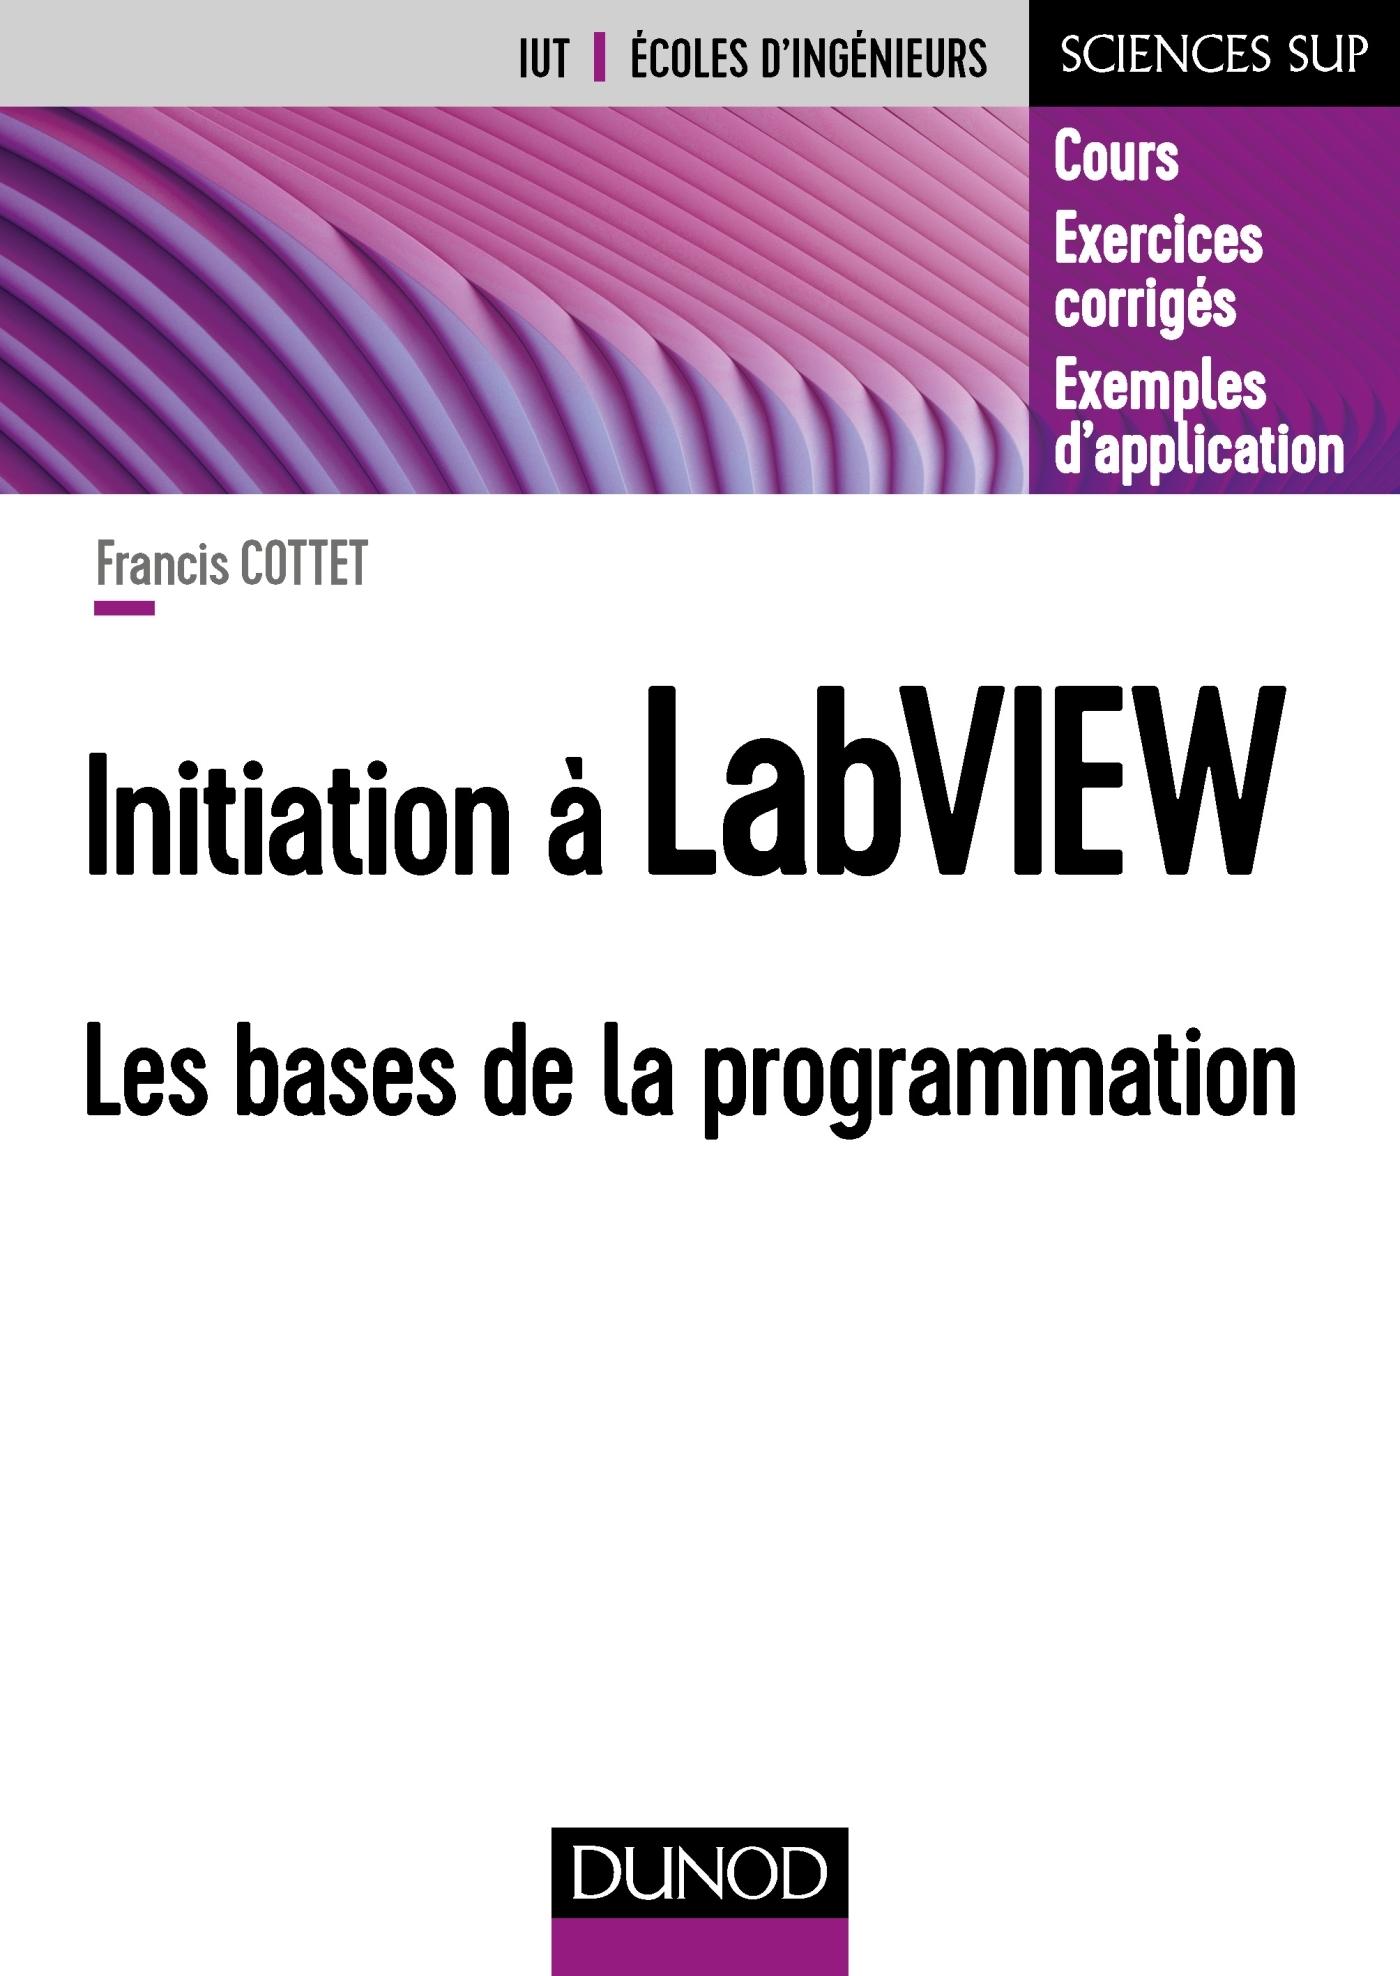 INITIATION A LABVIEW - LES BASES DE LA PROGRAMMATION